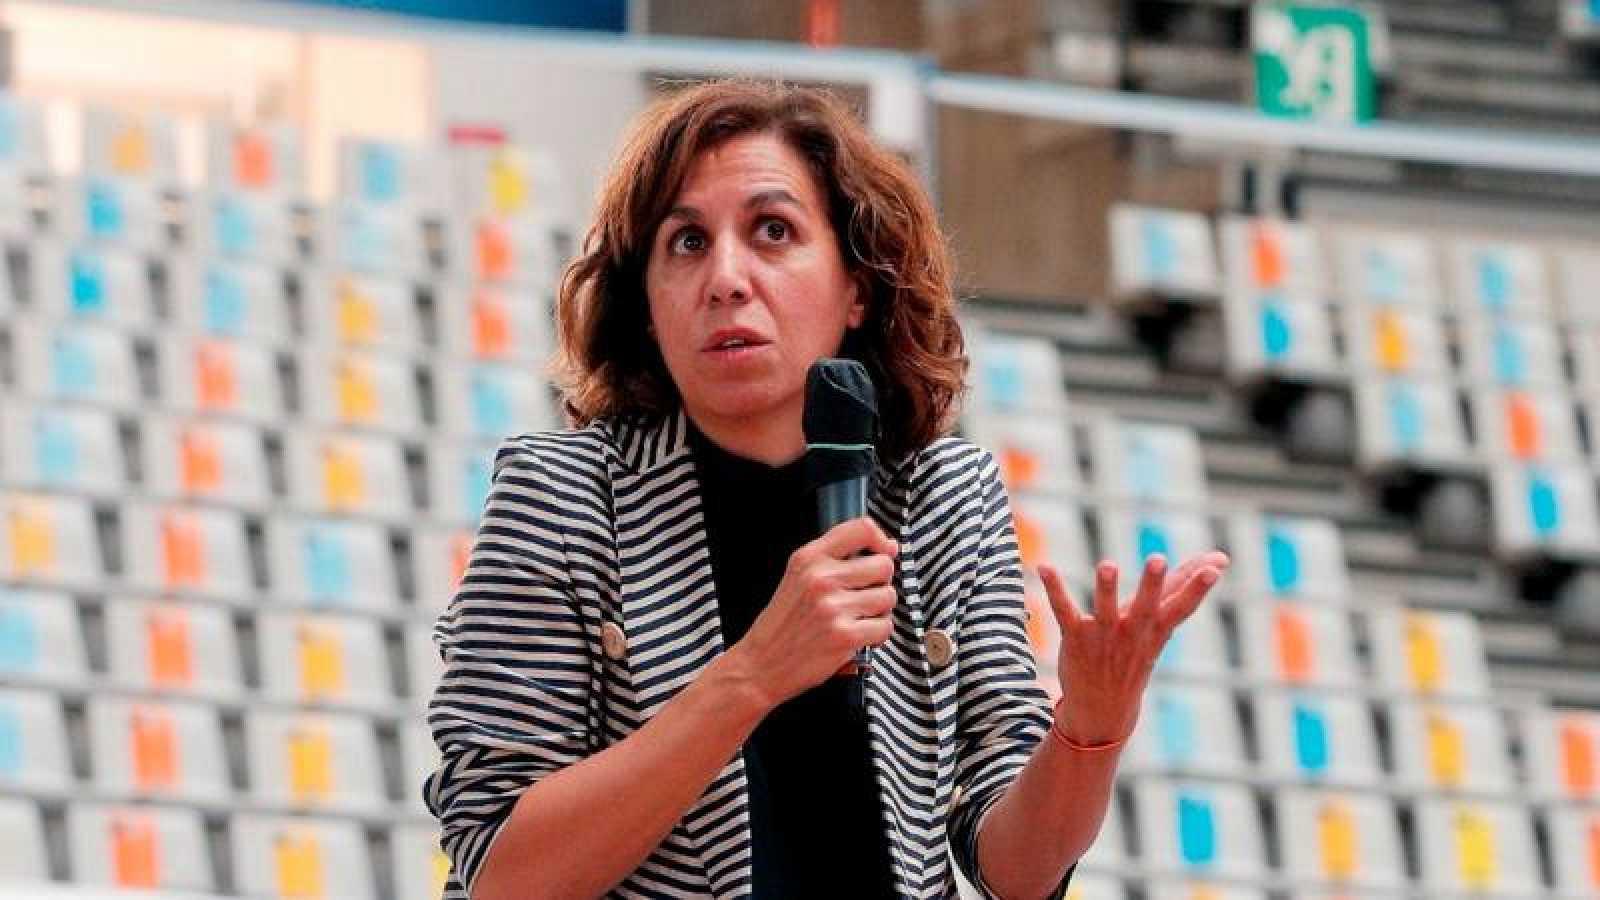 La presidenta del Consejo Superior de deportes, Irene Lozano, en un acto en Valencia.